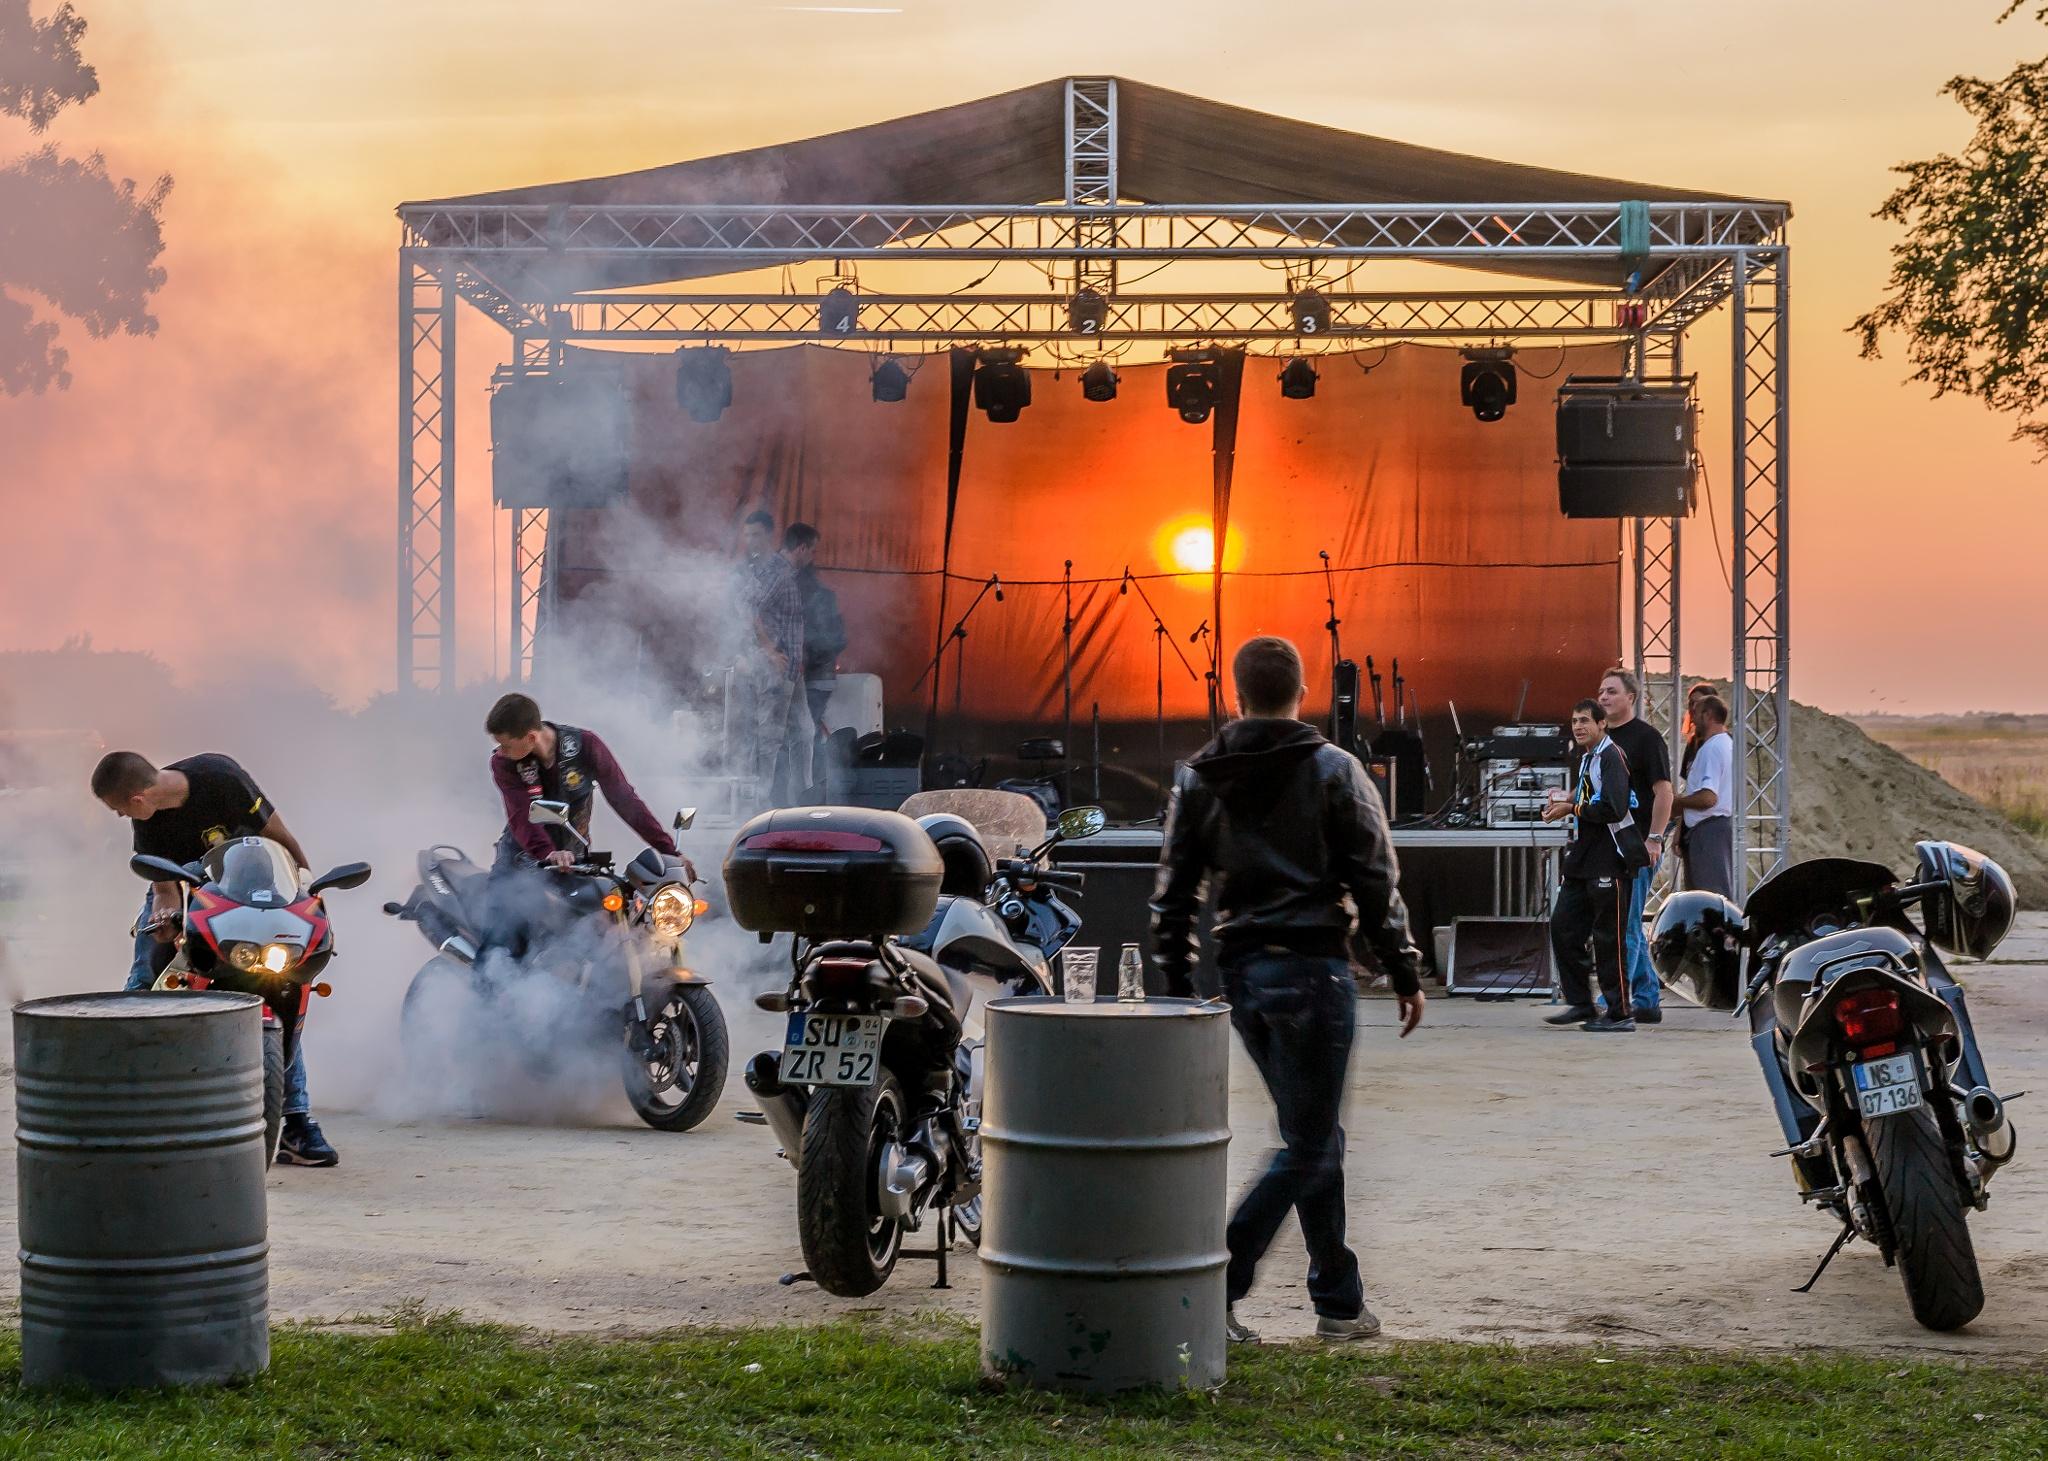 Sunset behind the stage  by Darko Zivlakovic